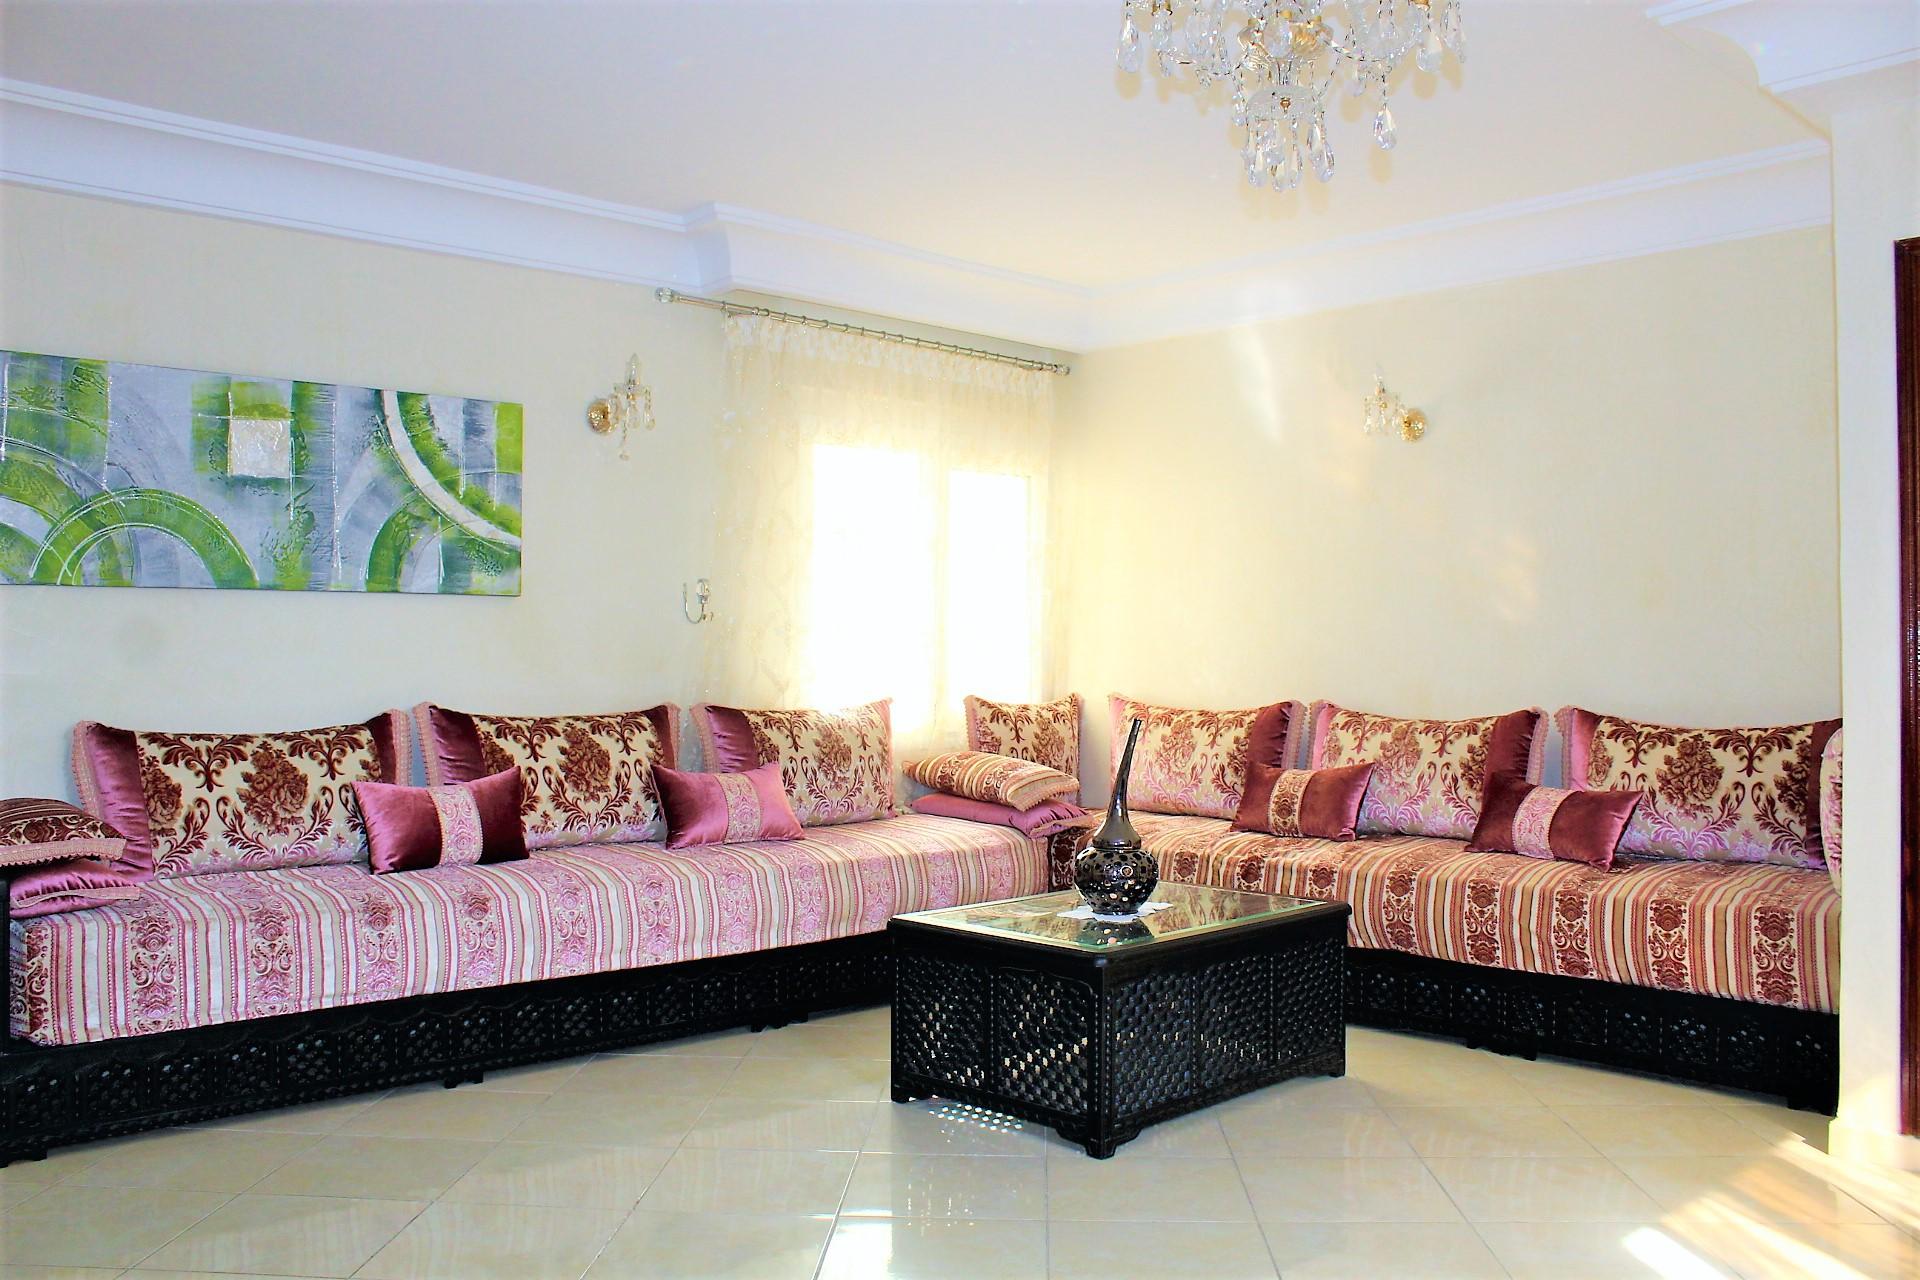 Maroc, Casablanca, à louer parfait meublé refait à neuf, secteur Bld Emile Zola.